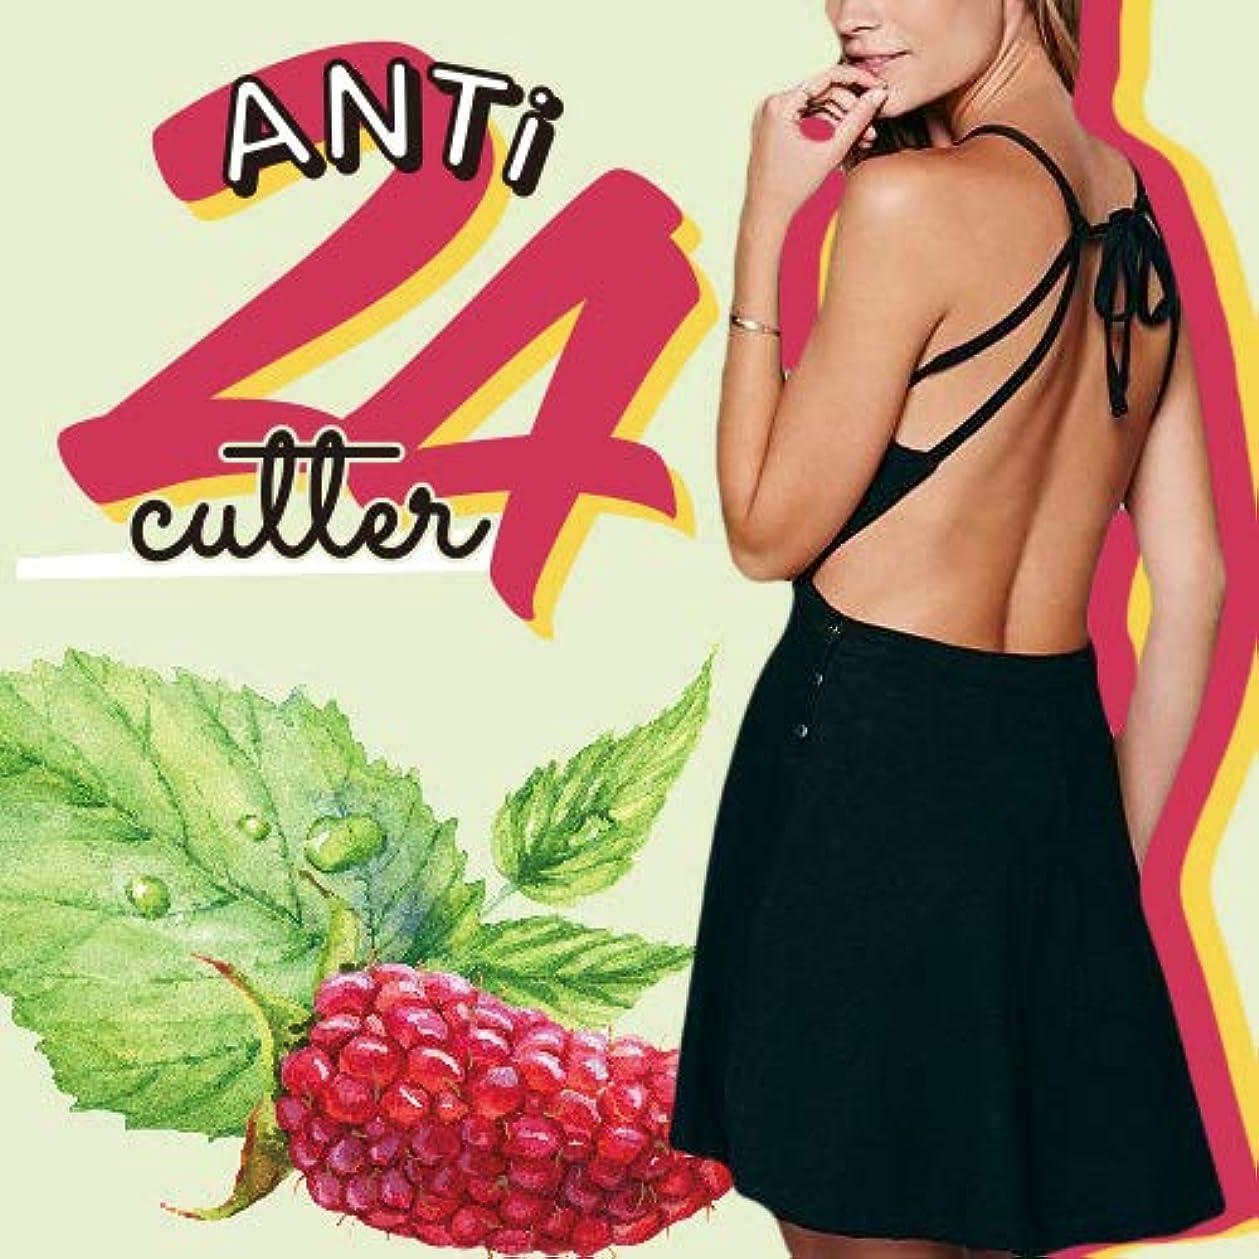 国勢調査モデレータ調和のとれたAnti 24 Cutter(アンチトゥエンティフォーカッター) ダイエット ダイエットサプリ